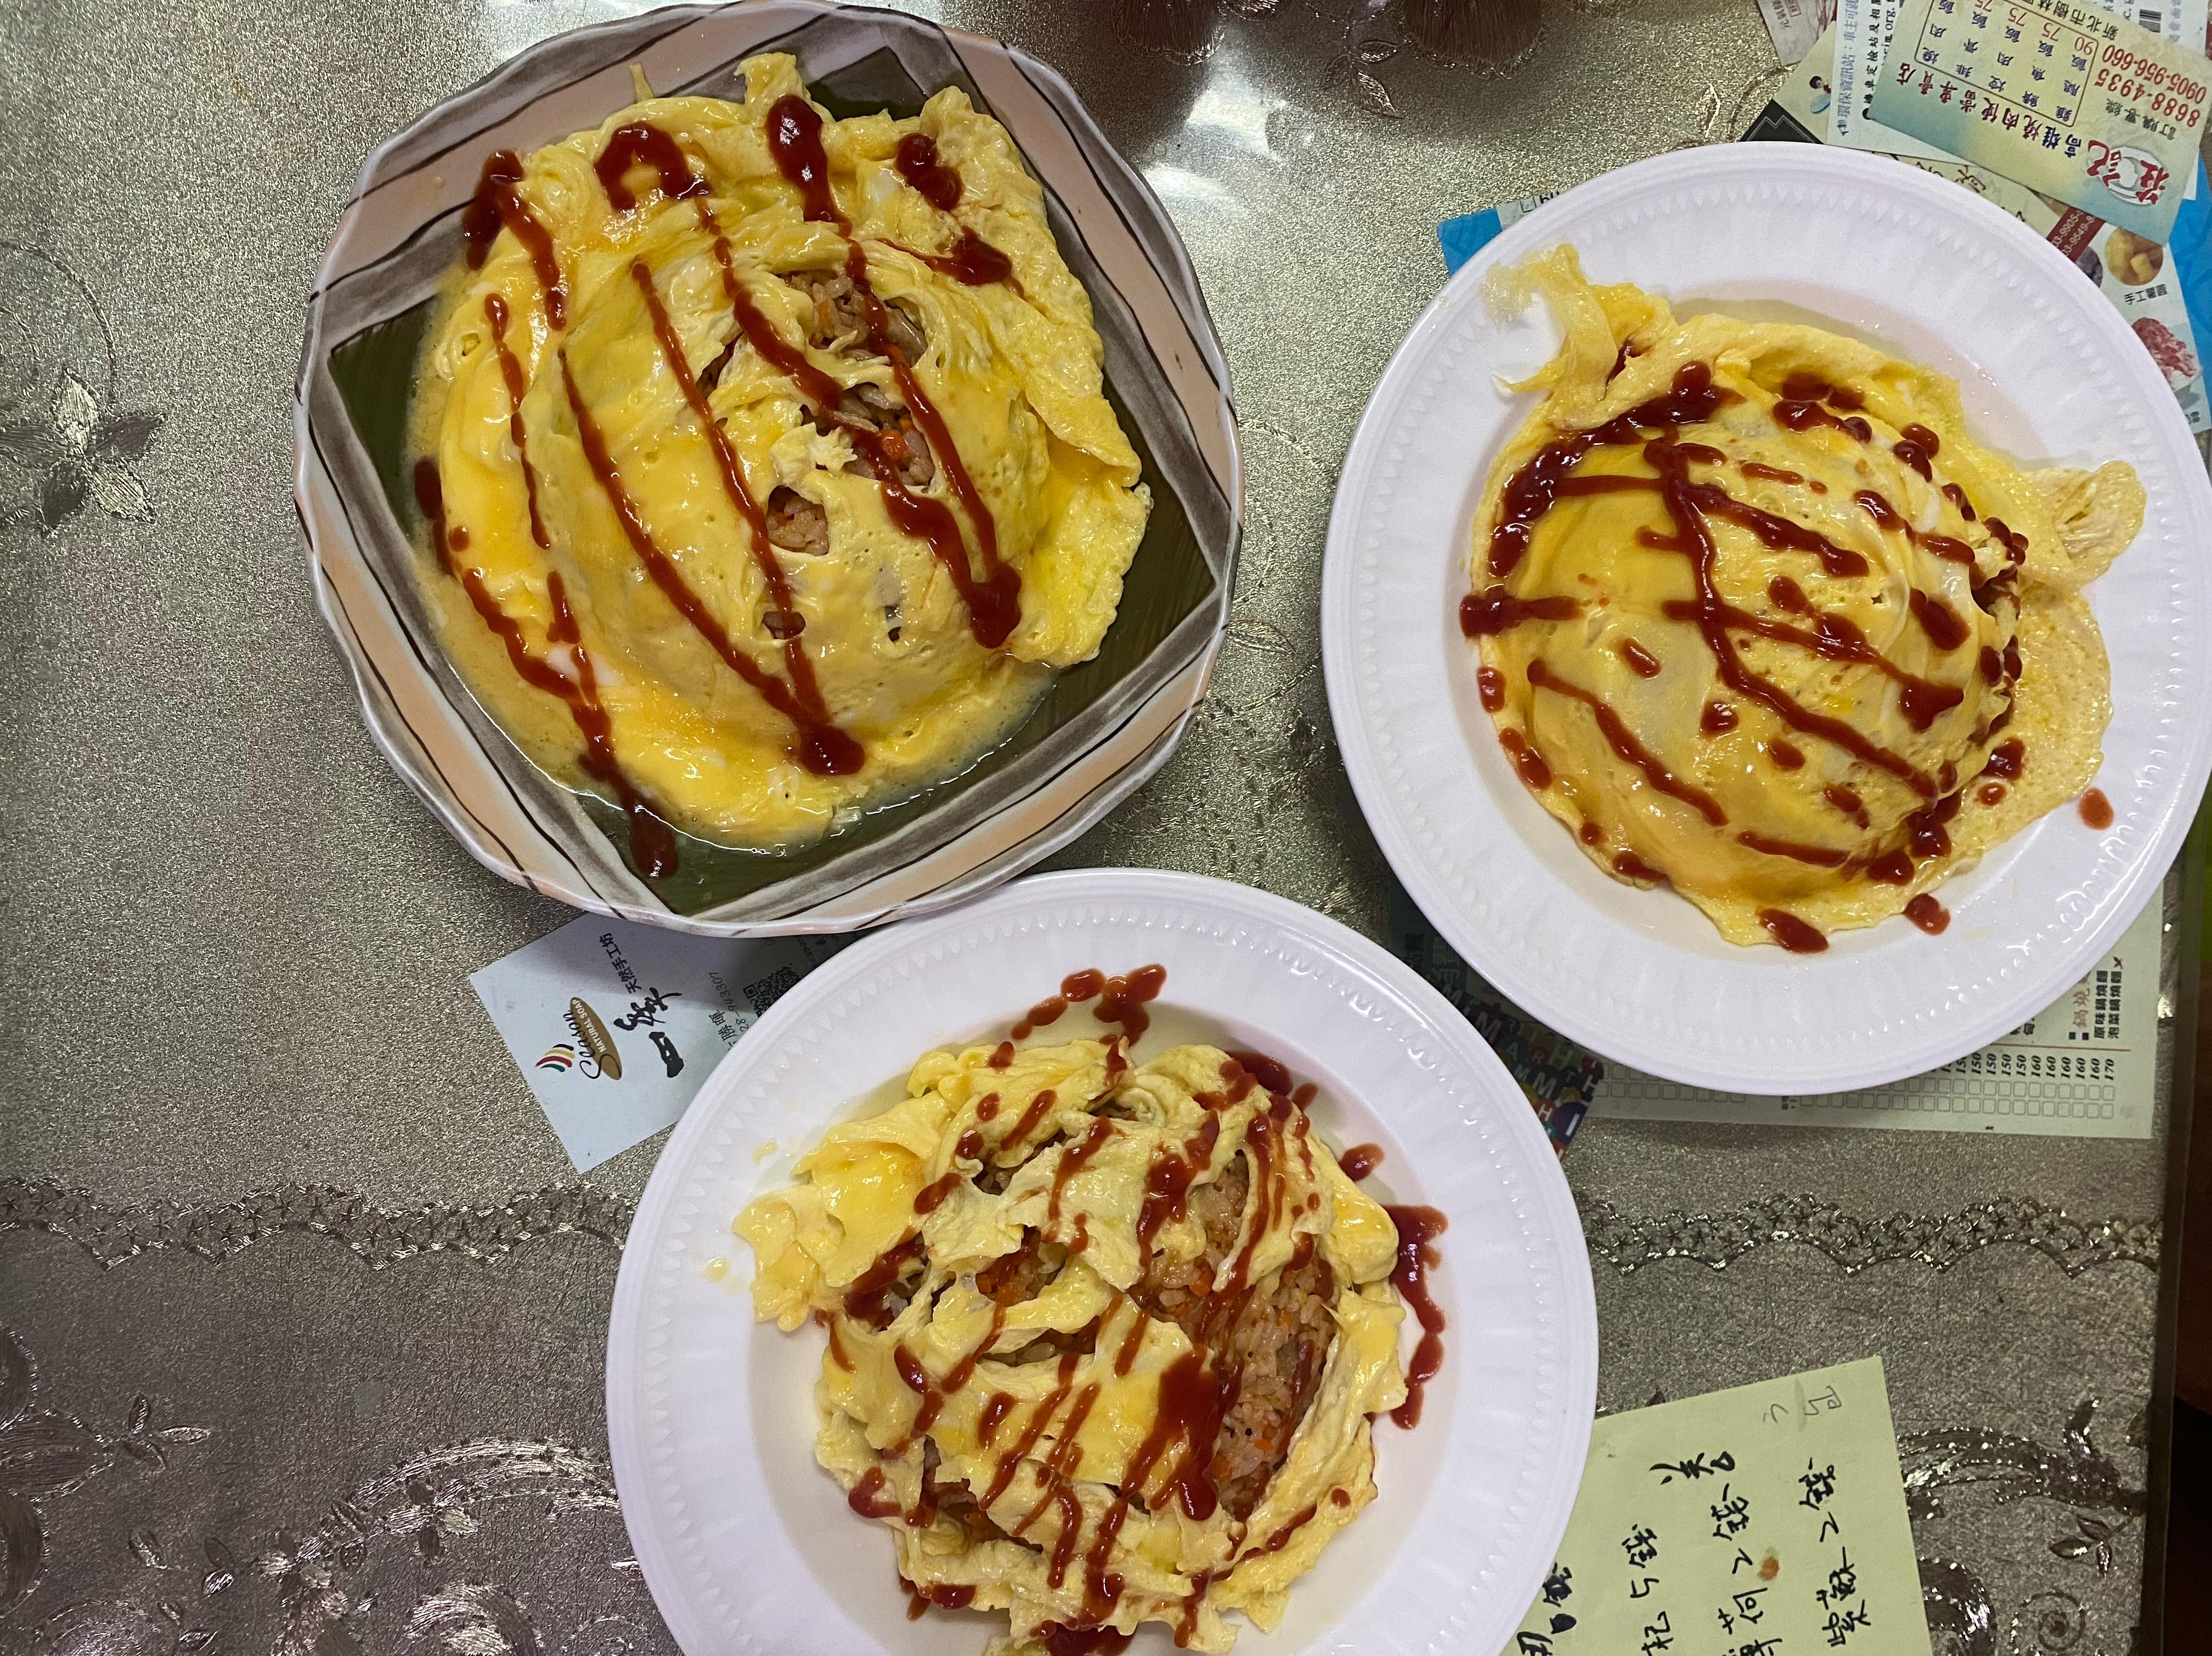 雞肉番茄歐姆蛋蓋飯